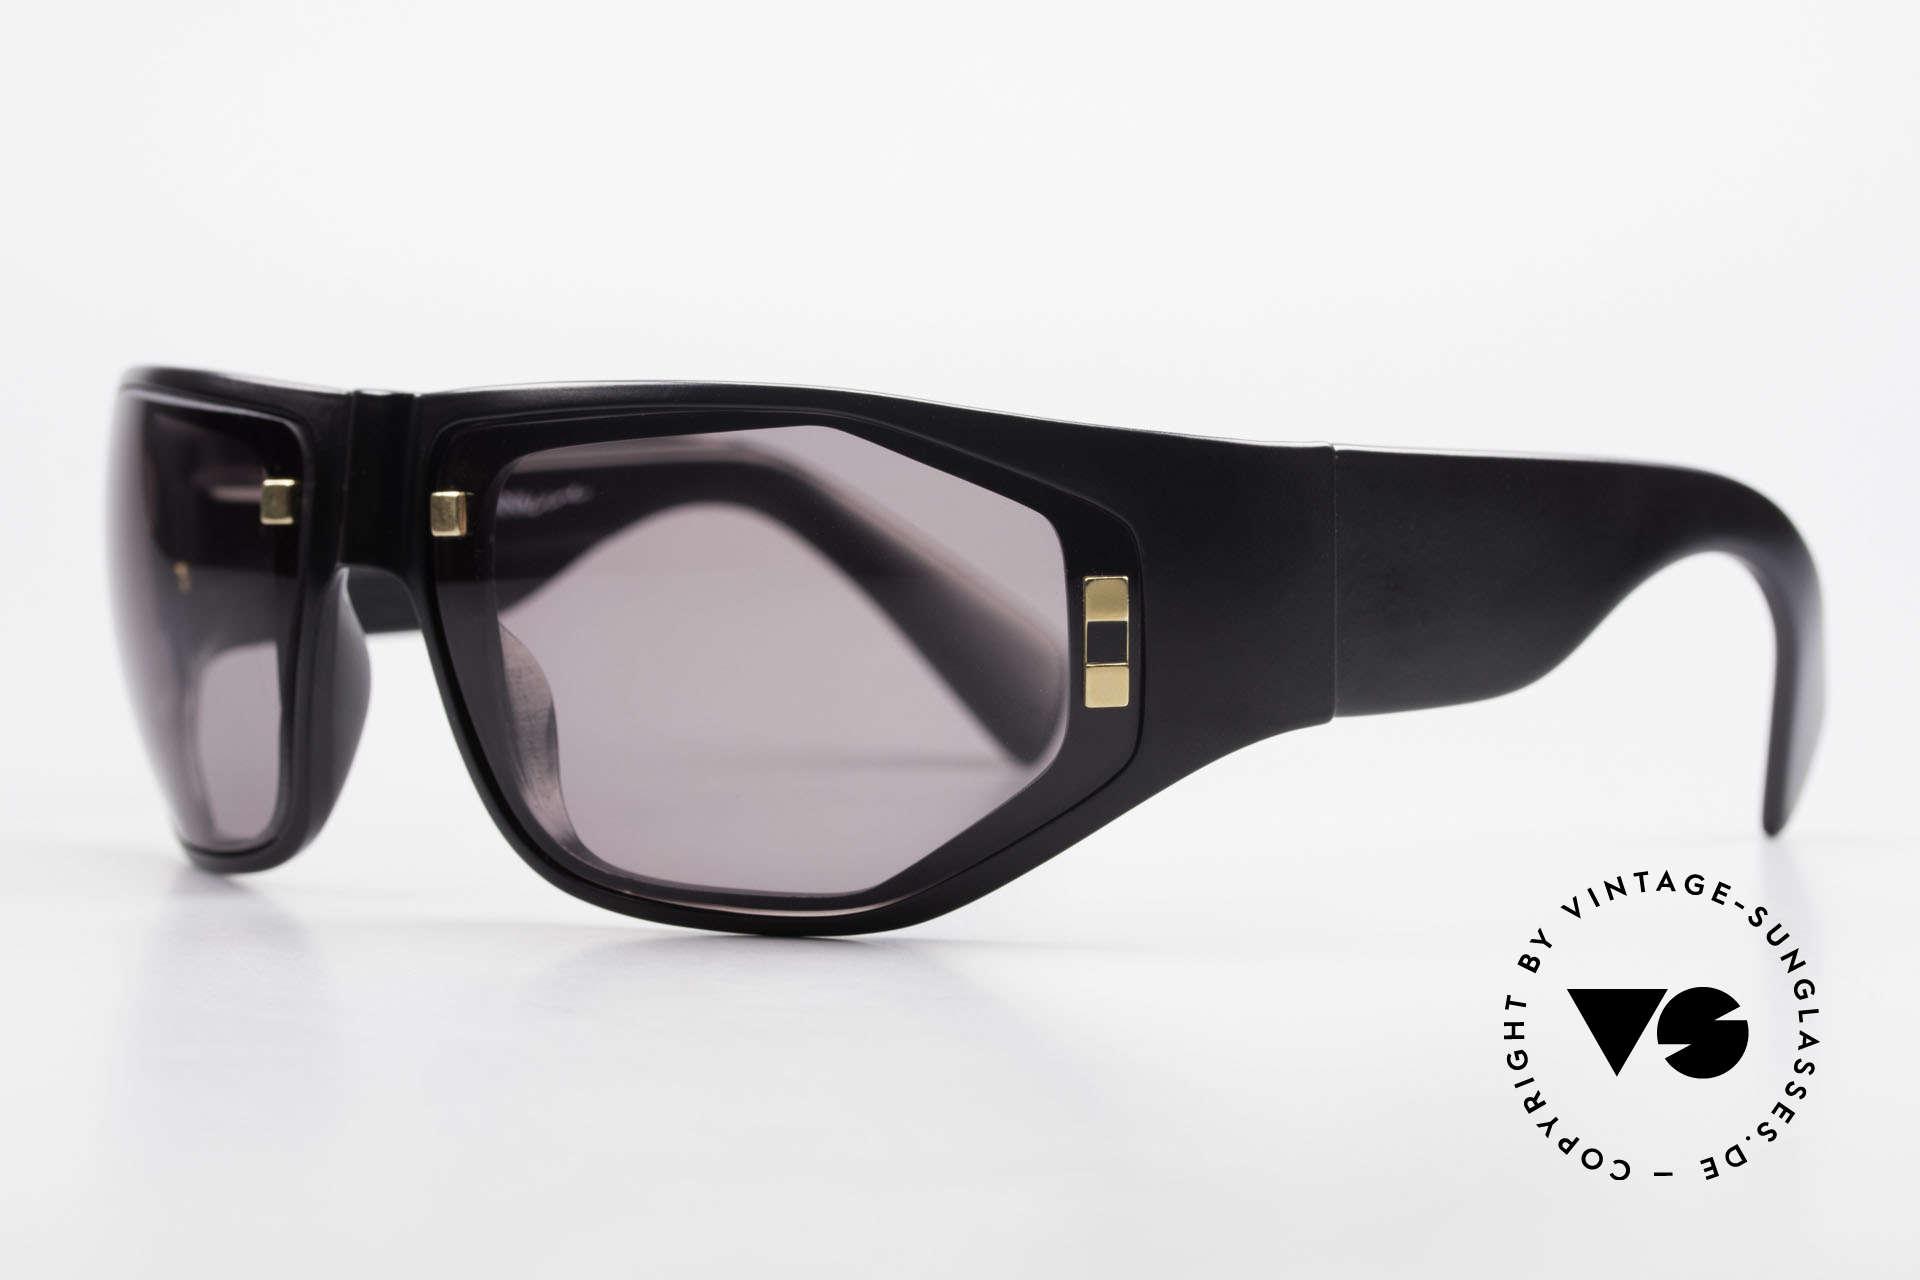 Paloma Picasso 3701 90er Damen Wrap Sonnenbrille, noch ein Meisterwerk vom Künstler-Haus Picasso!, Passend für Damen